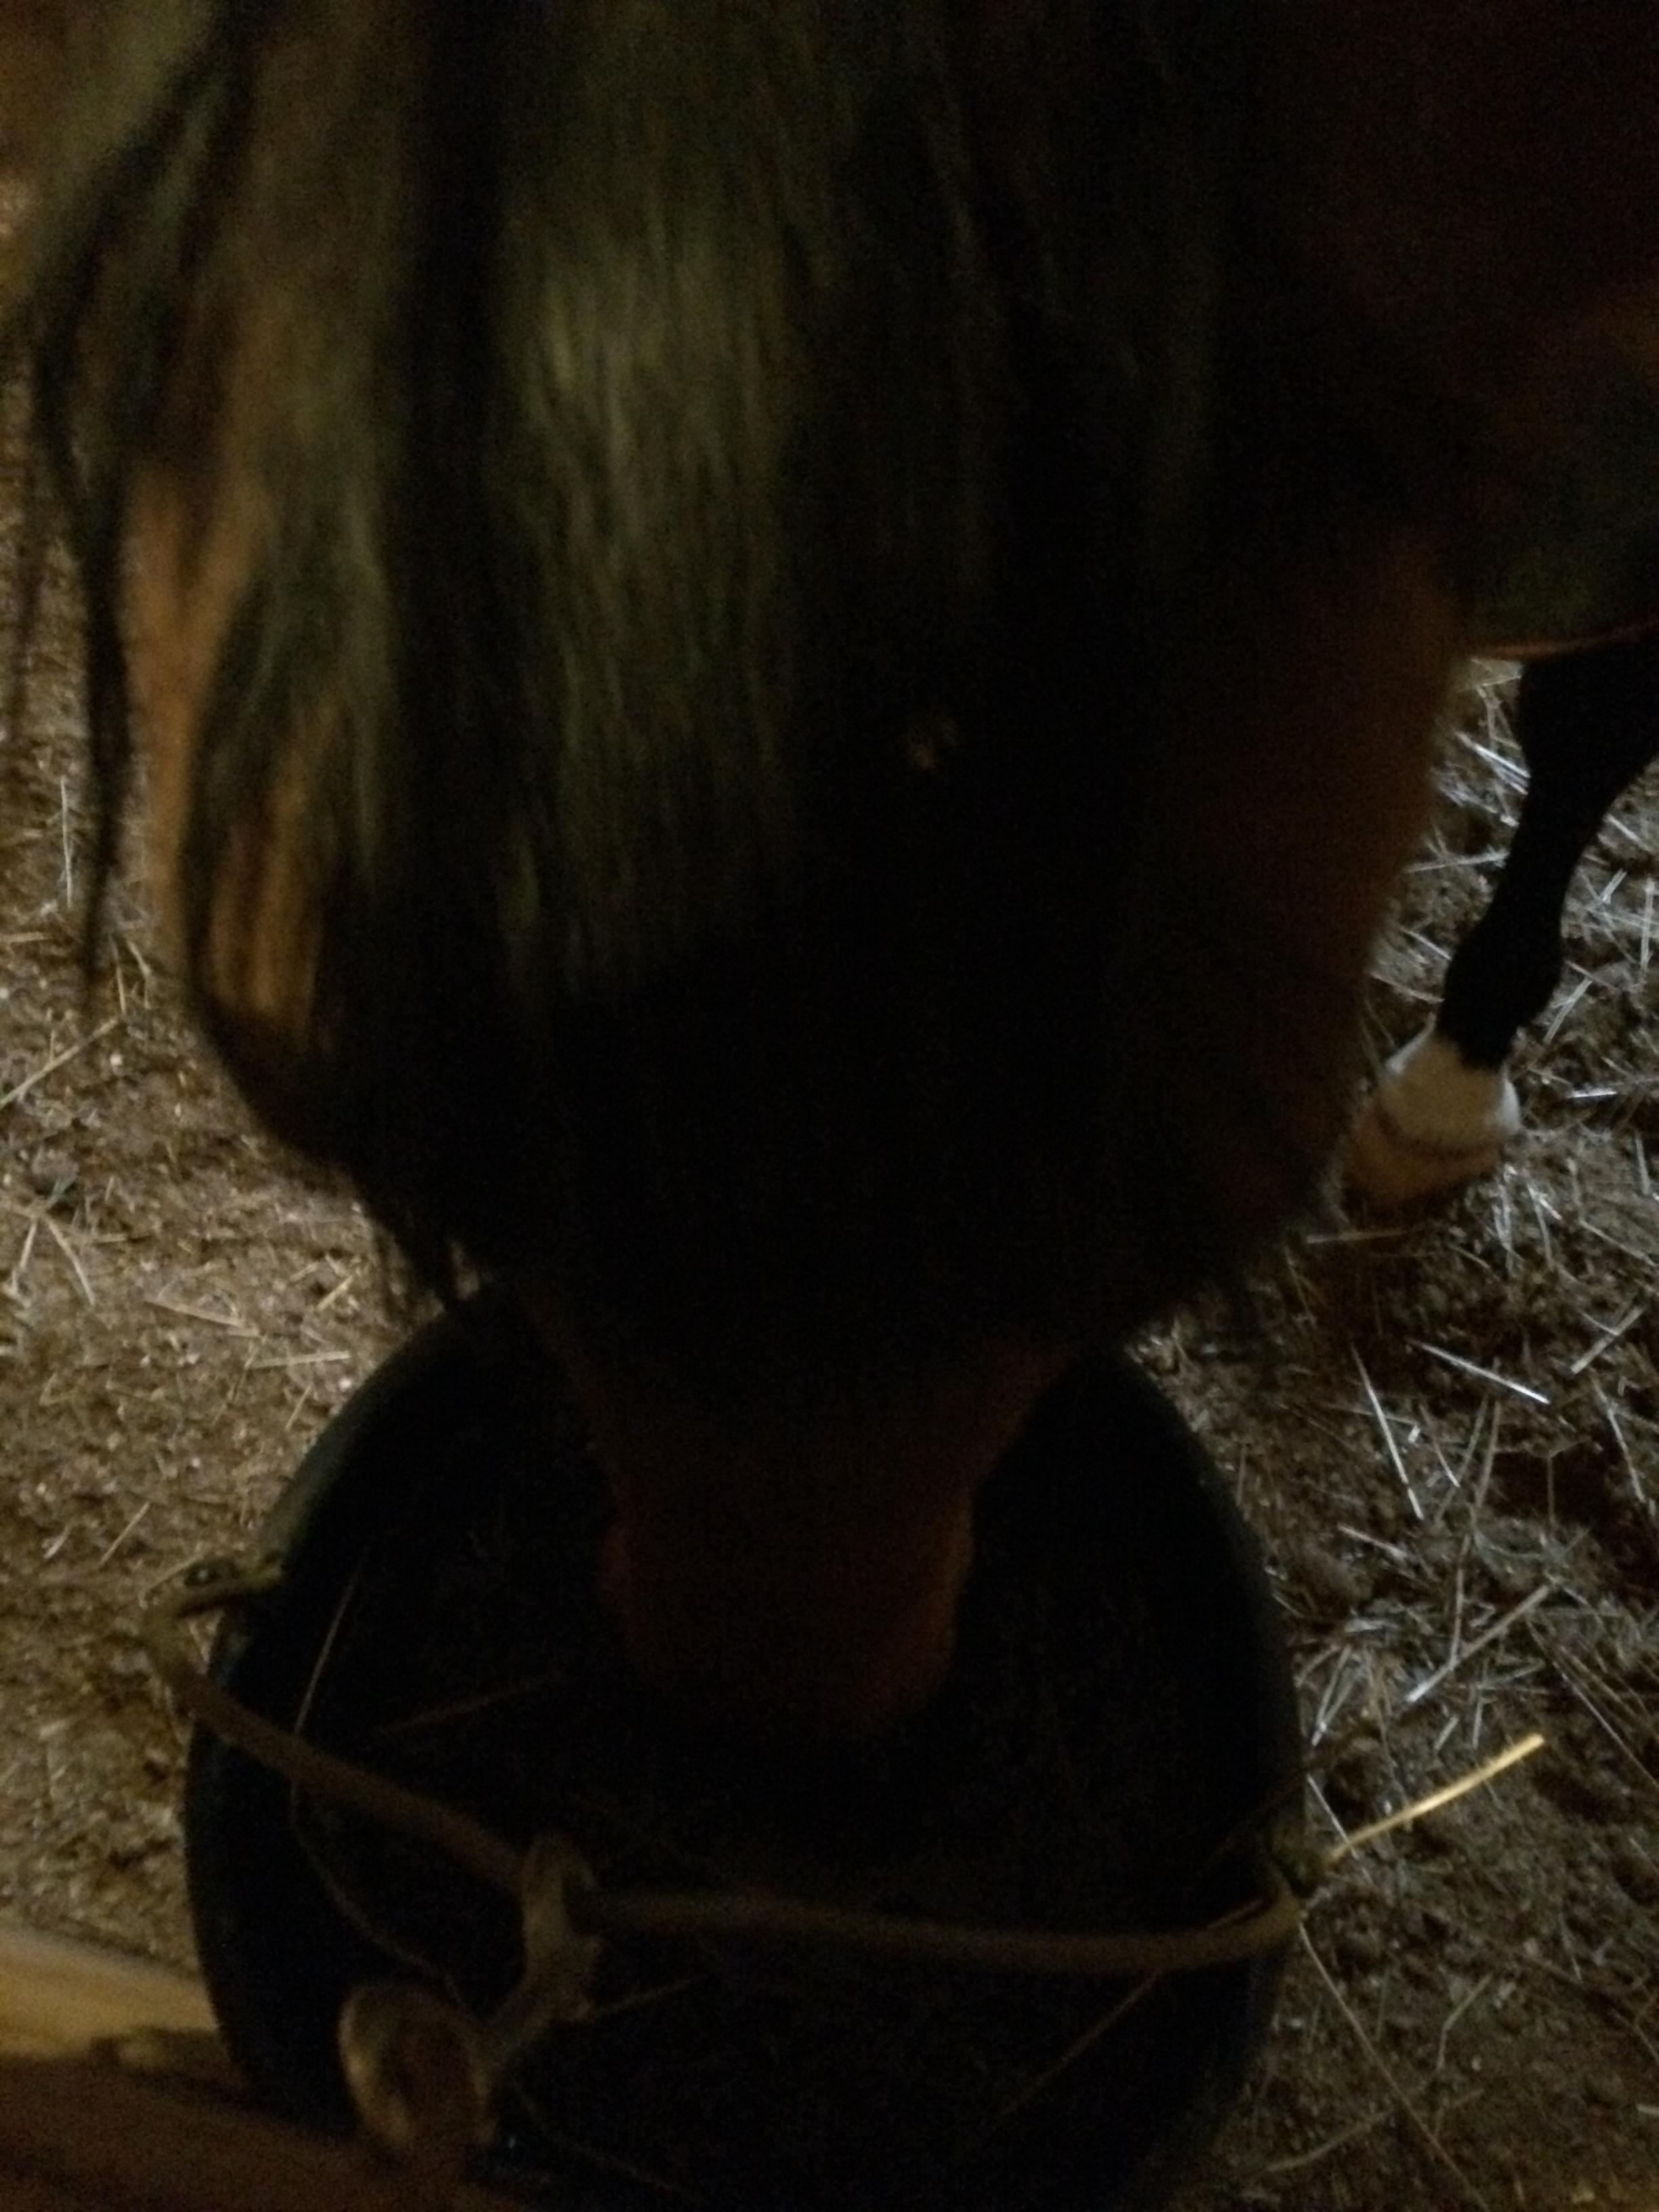 Bucket Insulator Update The Legal Equestrian